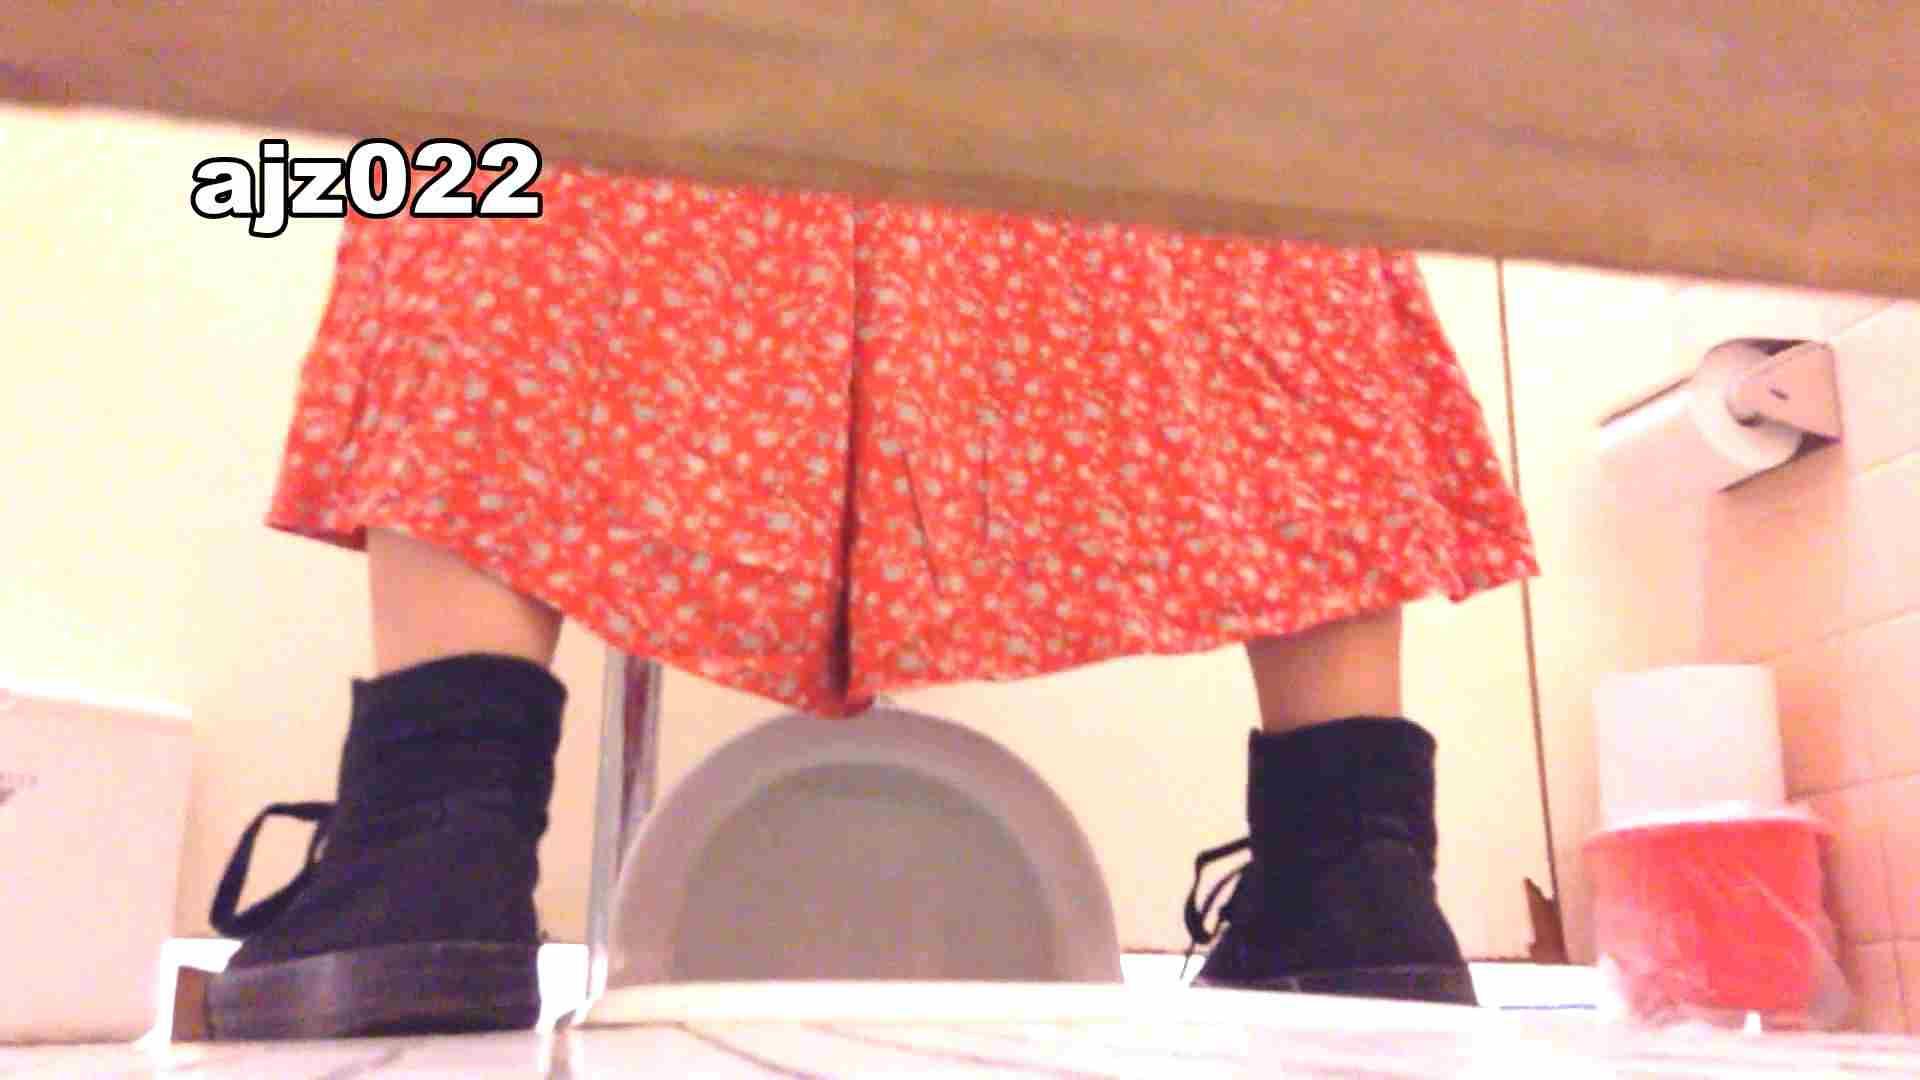 某有名大学女性洗面所 vol.22 潜入 盗撮画像 94連発 4